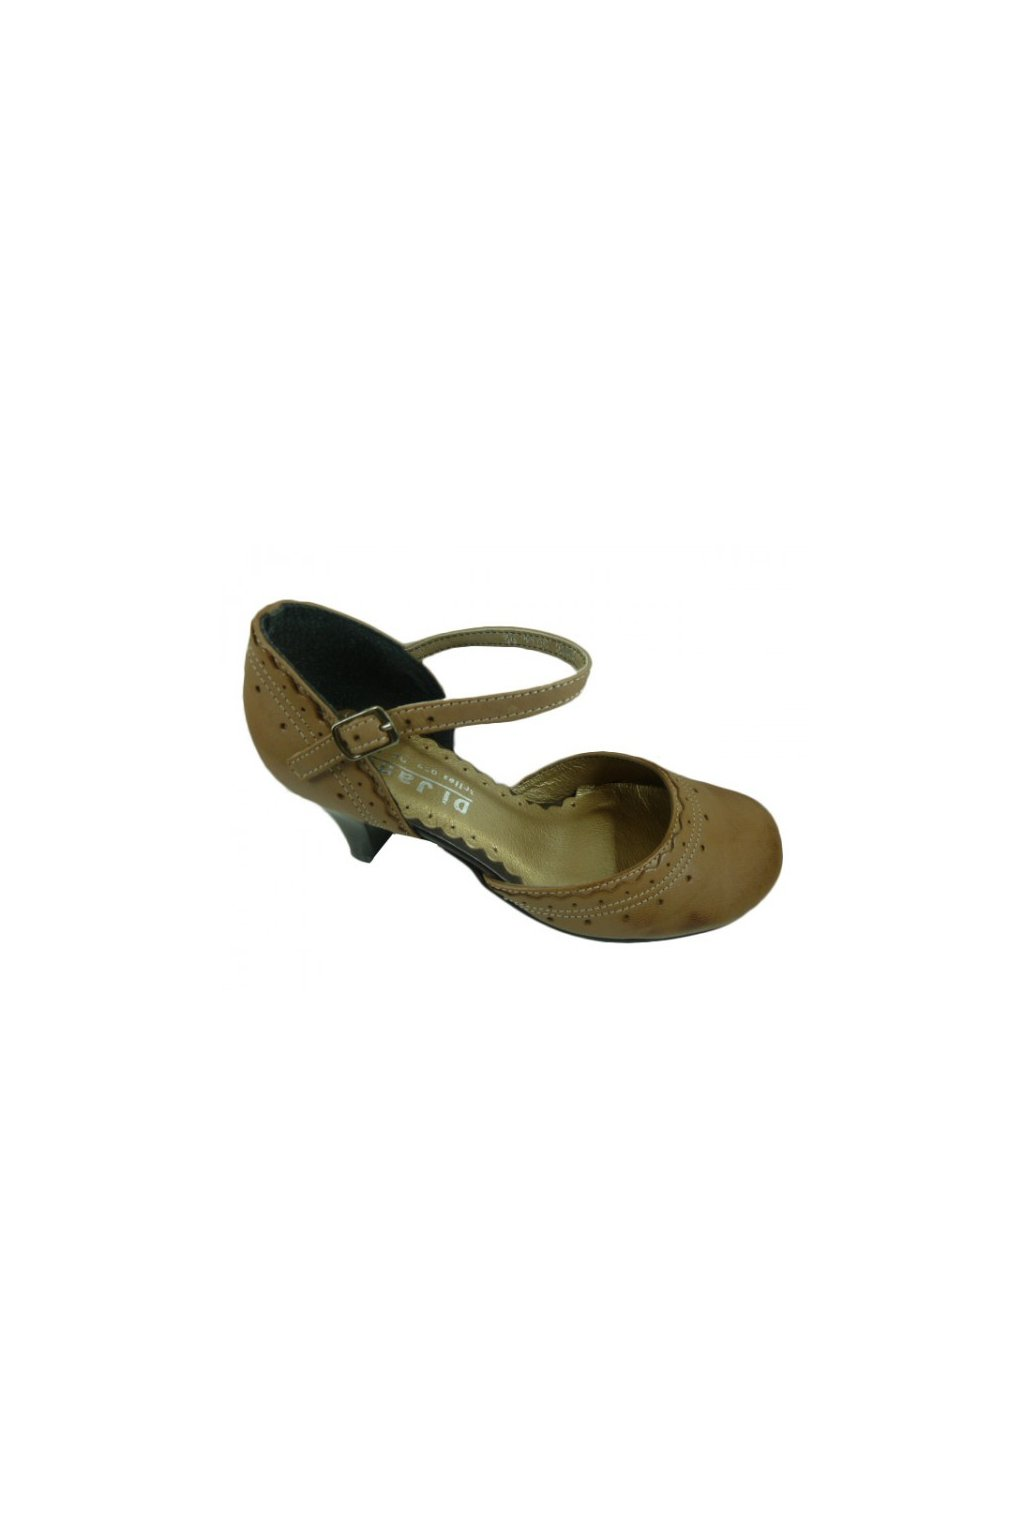 Podměrná dámská obuv Kuda 9106